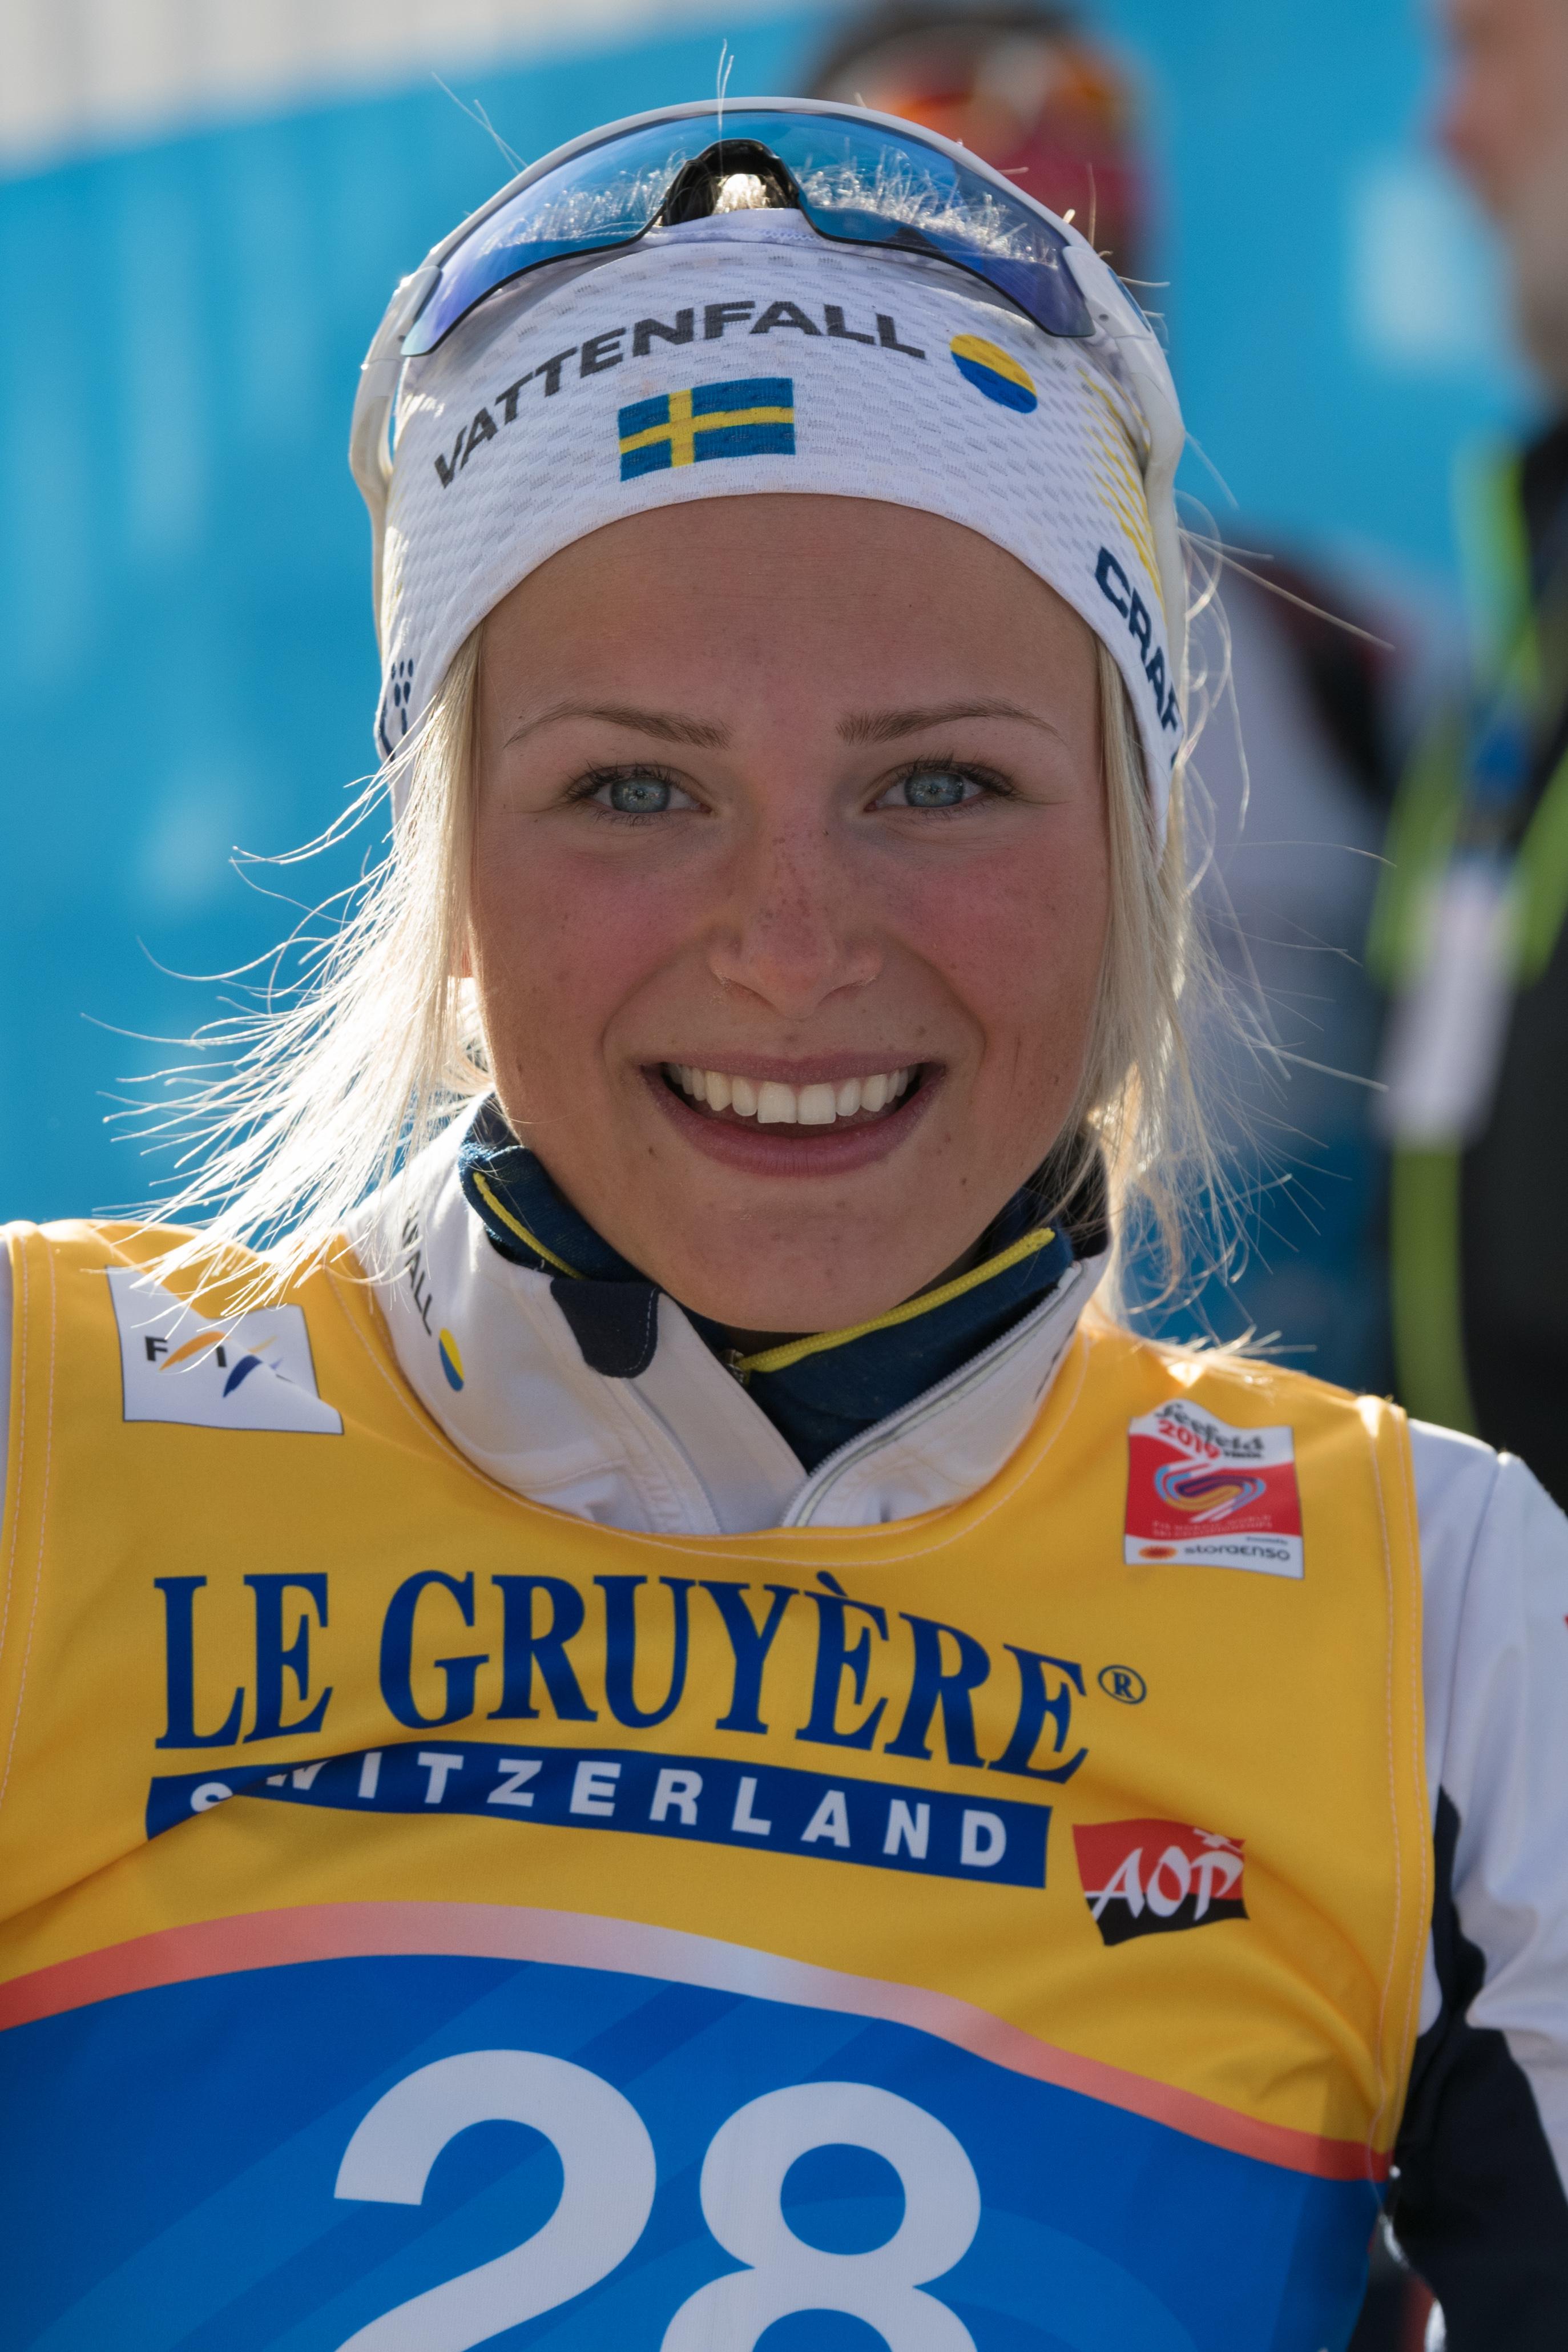 Marja-Liisa Kirvesniemi 7 Olympic medals Marja-Liisa Kirvesniemi 7 Olympic medals new pictures